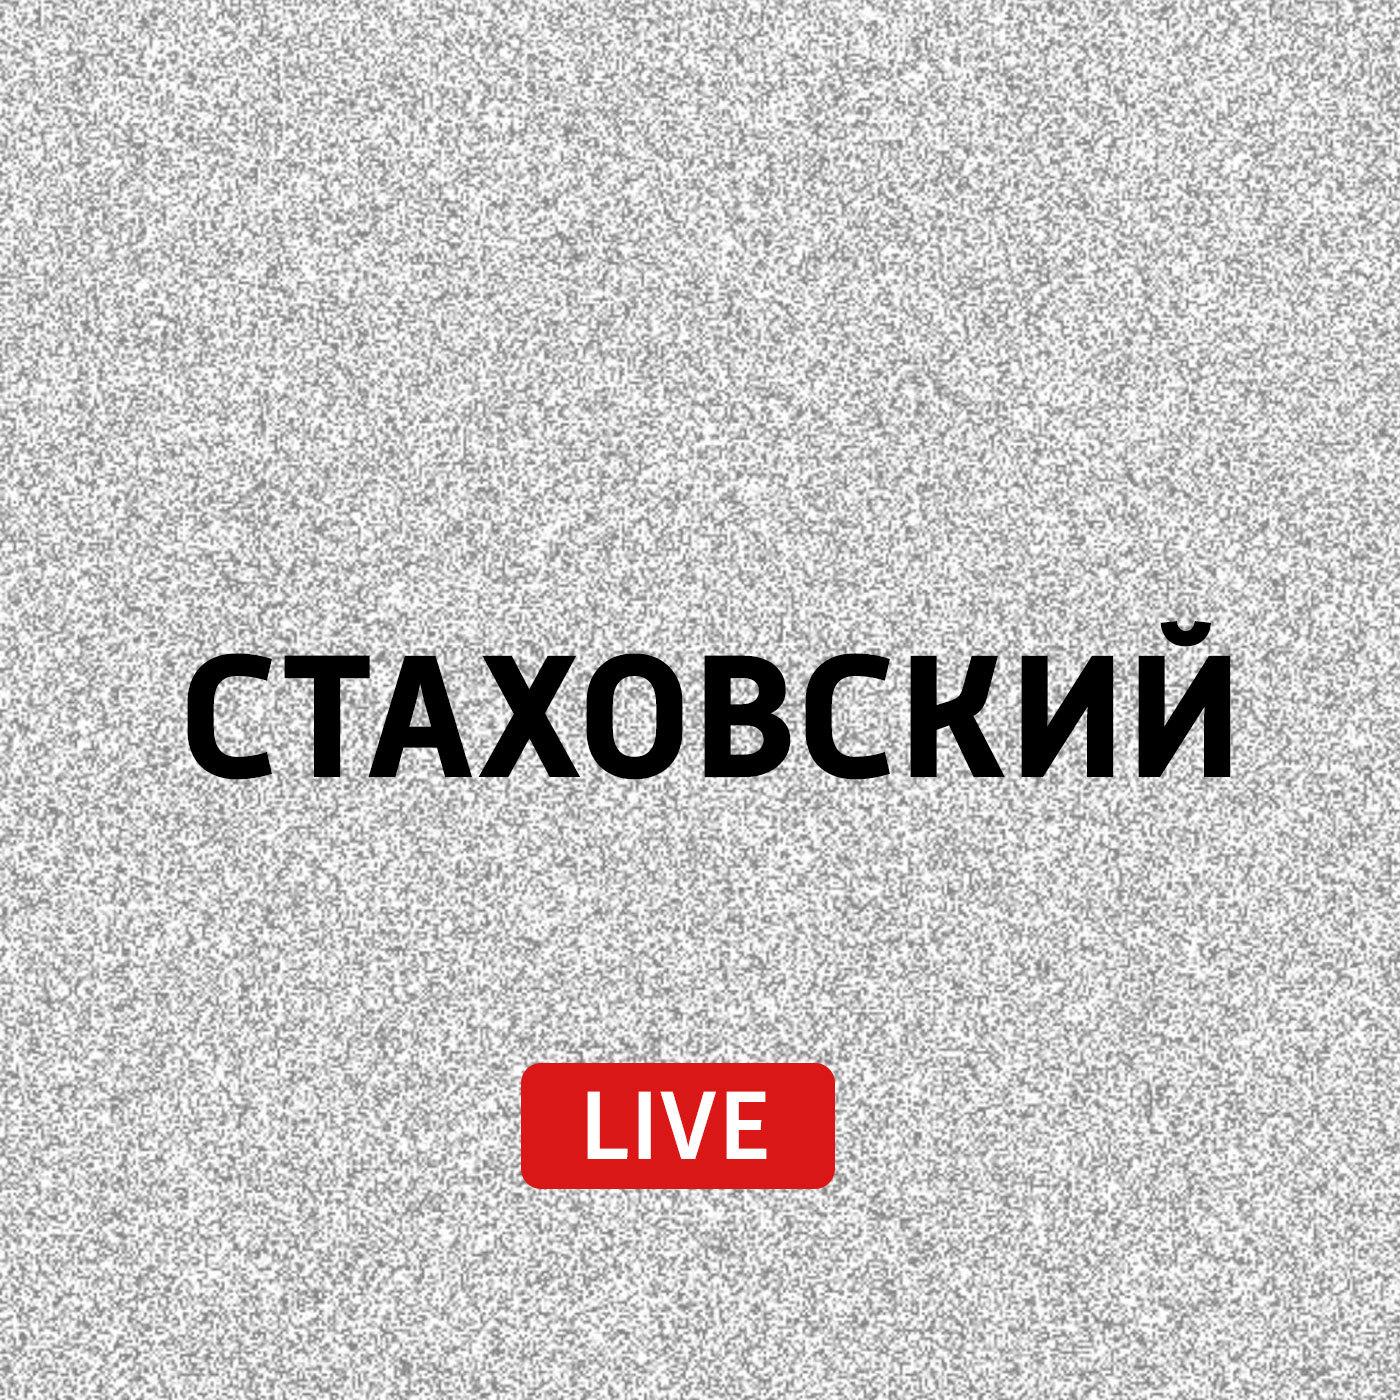 Евгений Стаховский Об инстаграммных лжебожествах и Улофе Пальме евгений стаховский возвращение